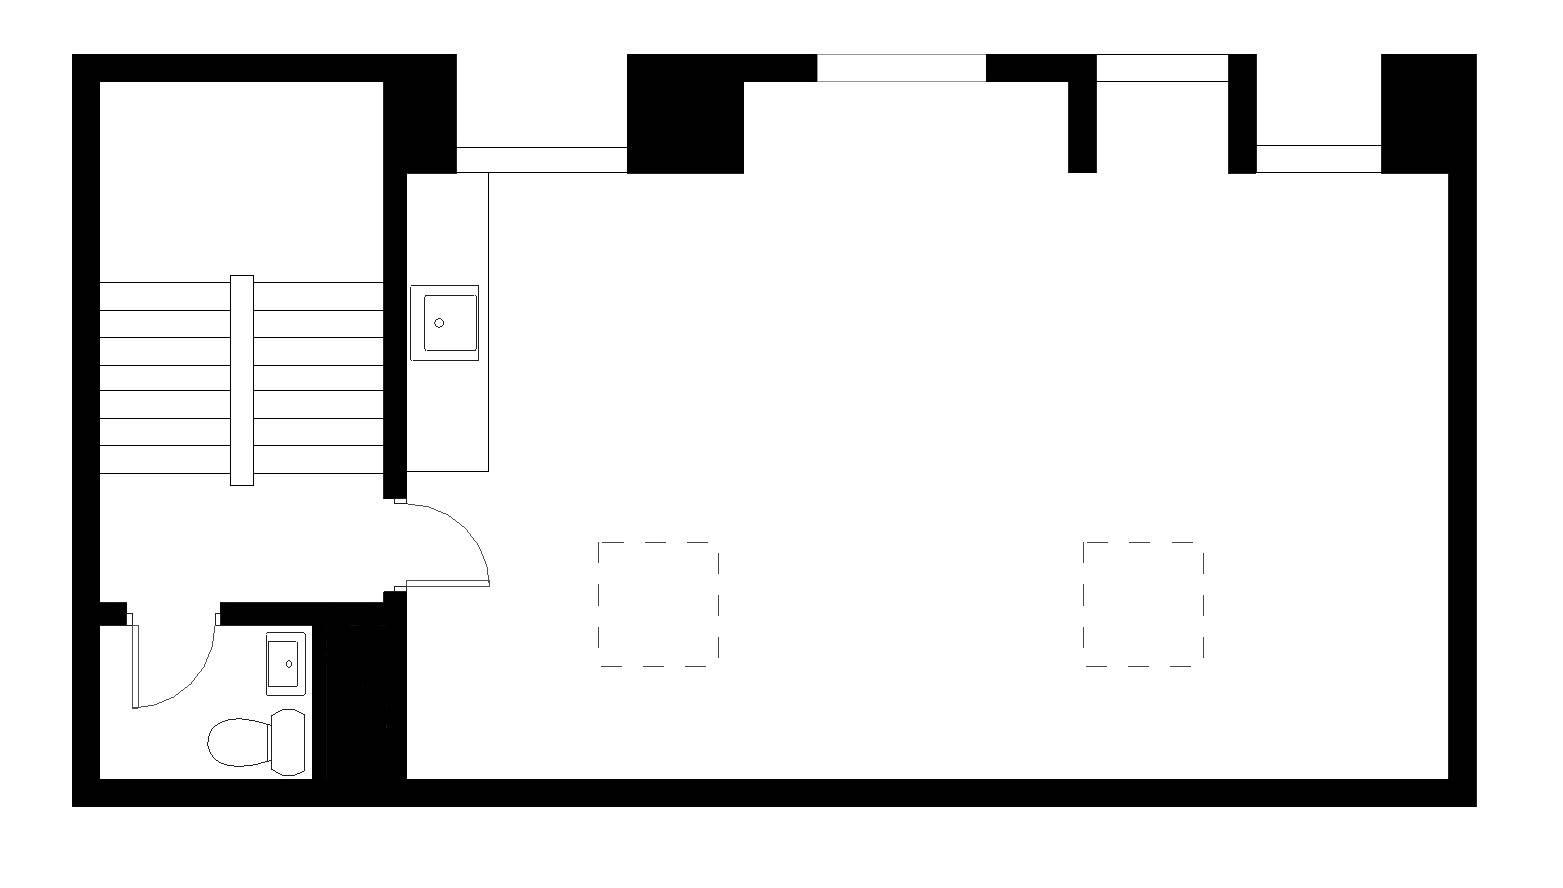 Plantegning - Kompagnistræde 22D, 2. sal